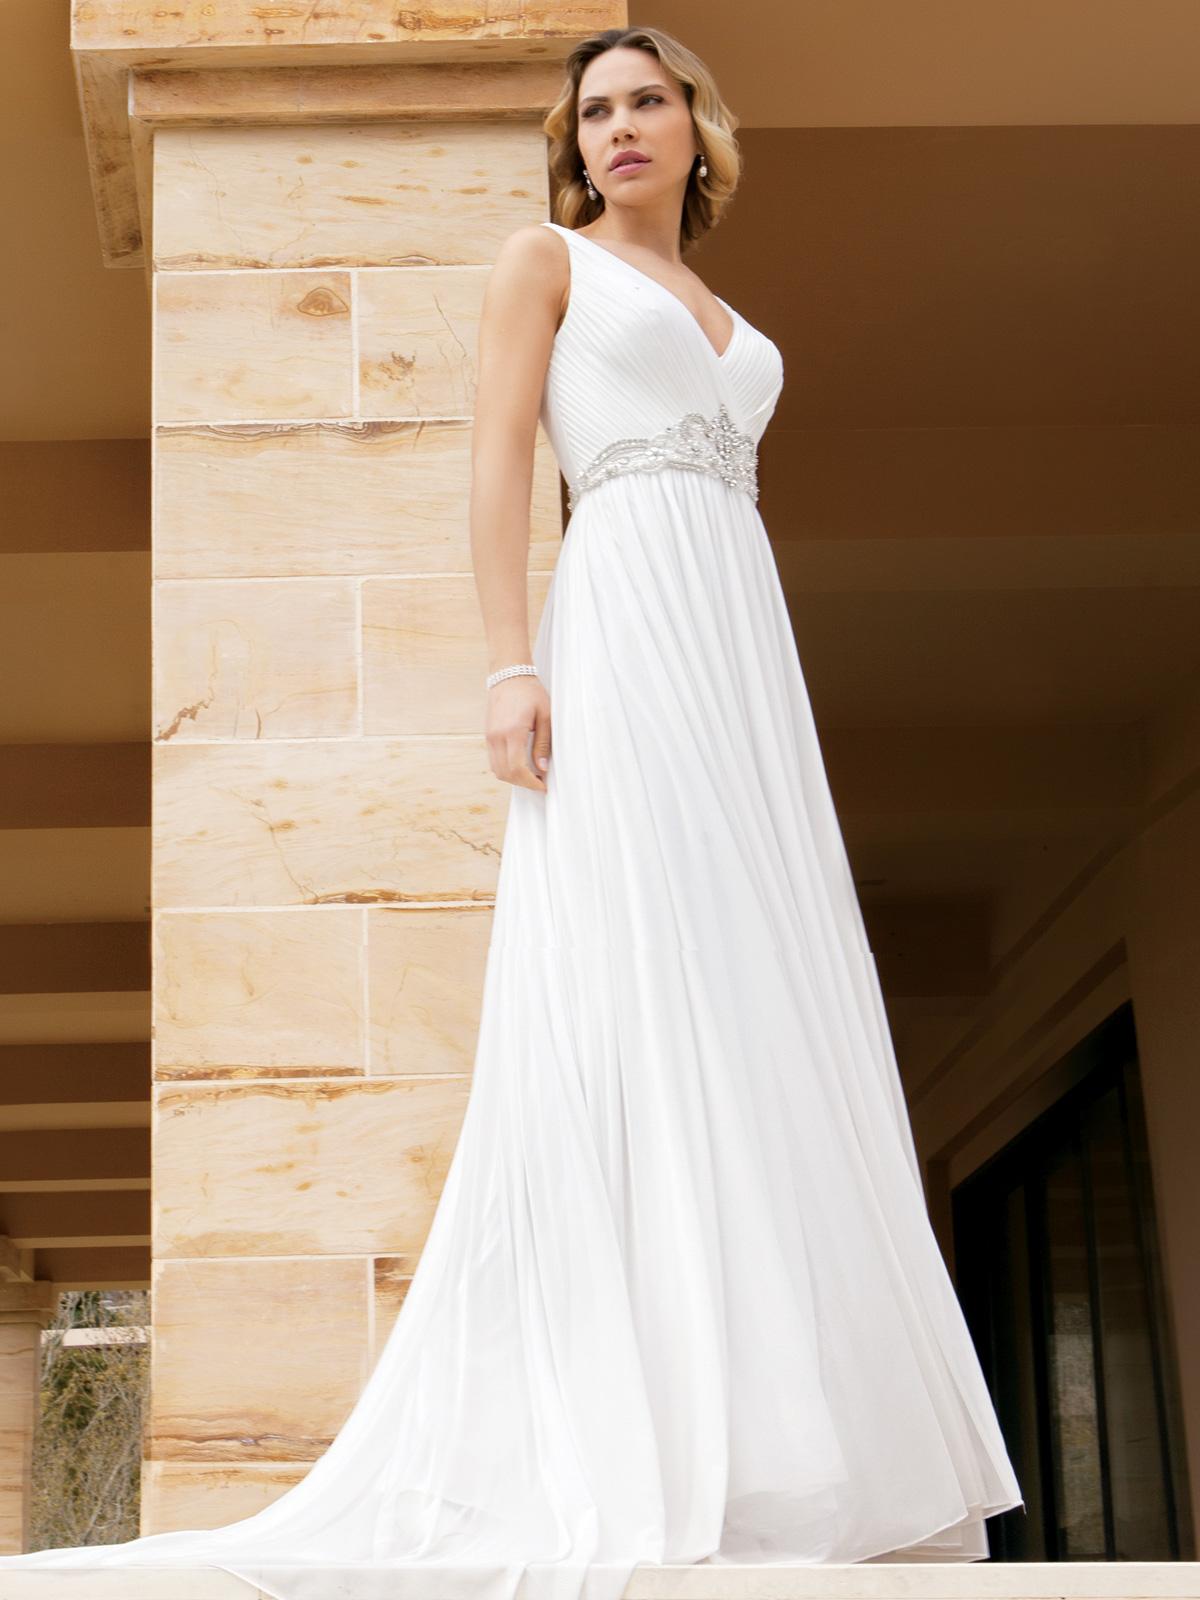 Vestido de Noiva lânguido com decote em V, grega de bordado em fio de seda rebordada em pedrarias e cristais, confeccionado em musseline e leve cauda.